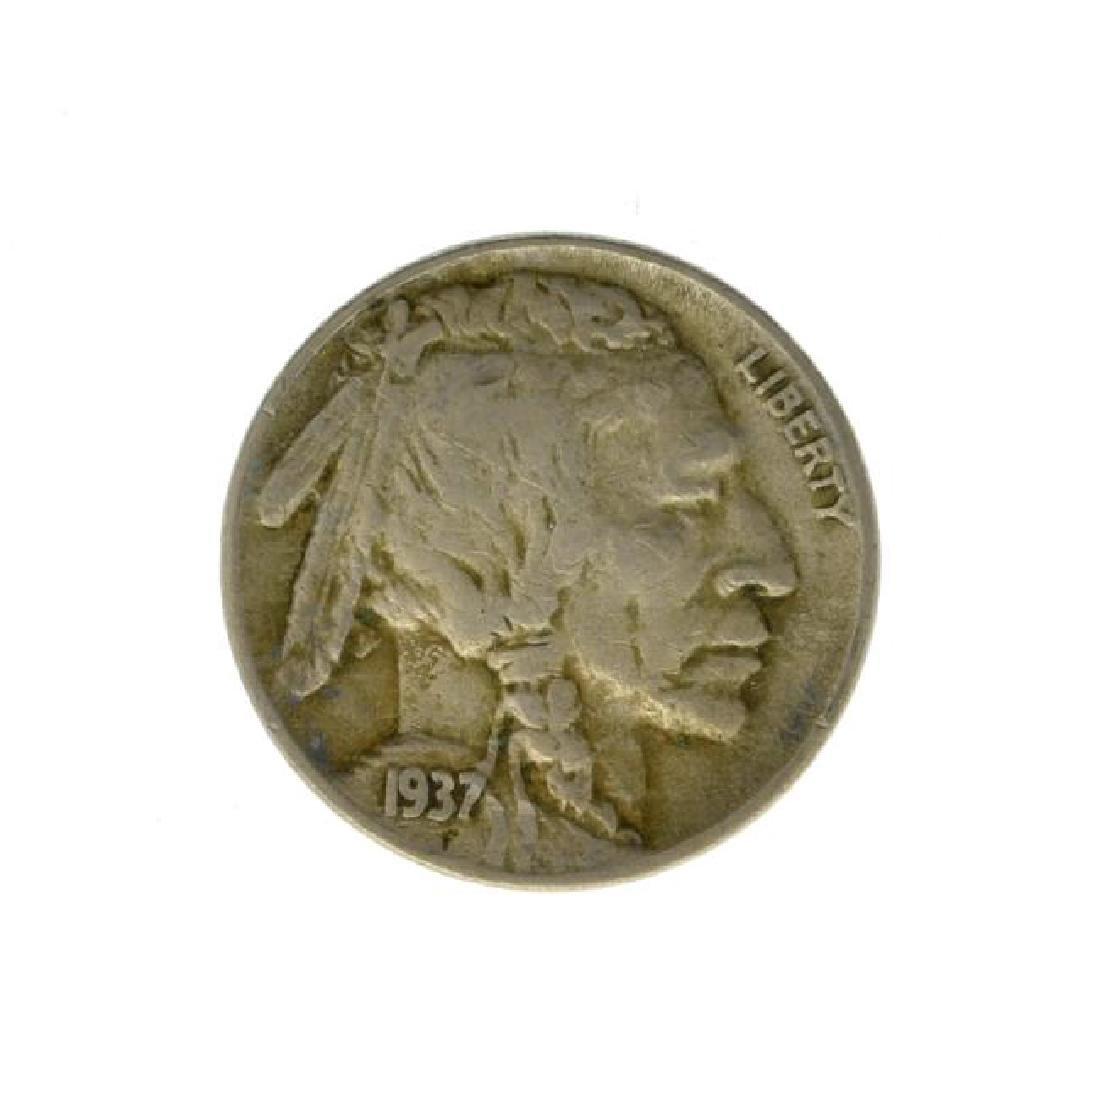 1937-D 3 Leg Buffalo Nickel Coin - Very Rare - (JG PS)